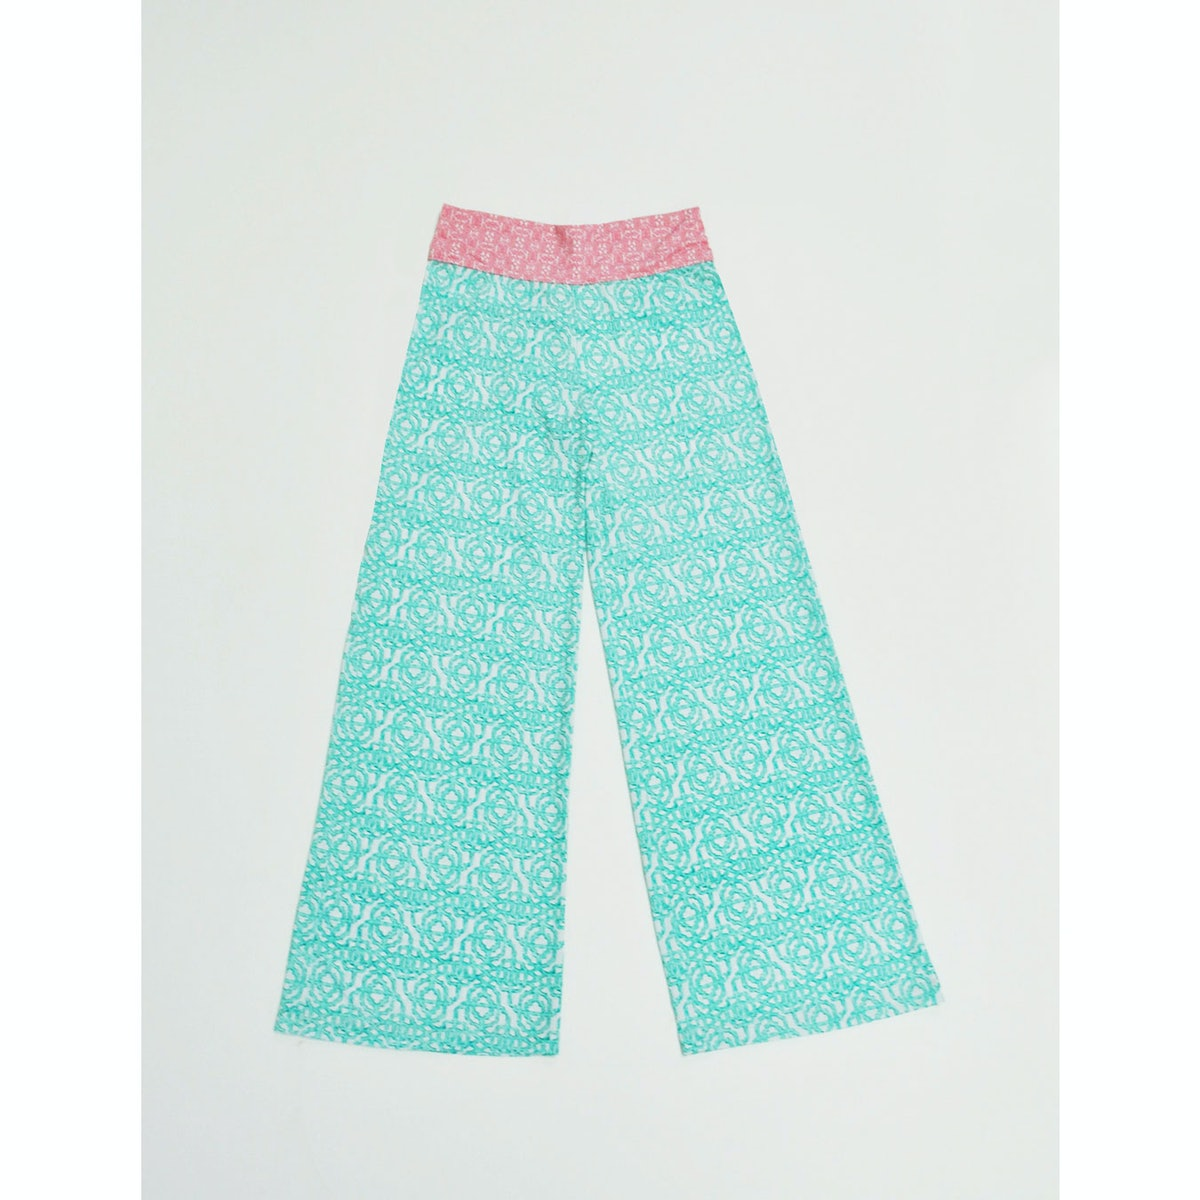 Cabana Life pants